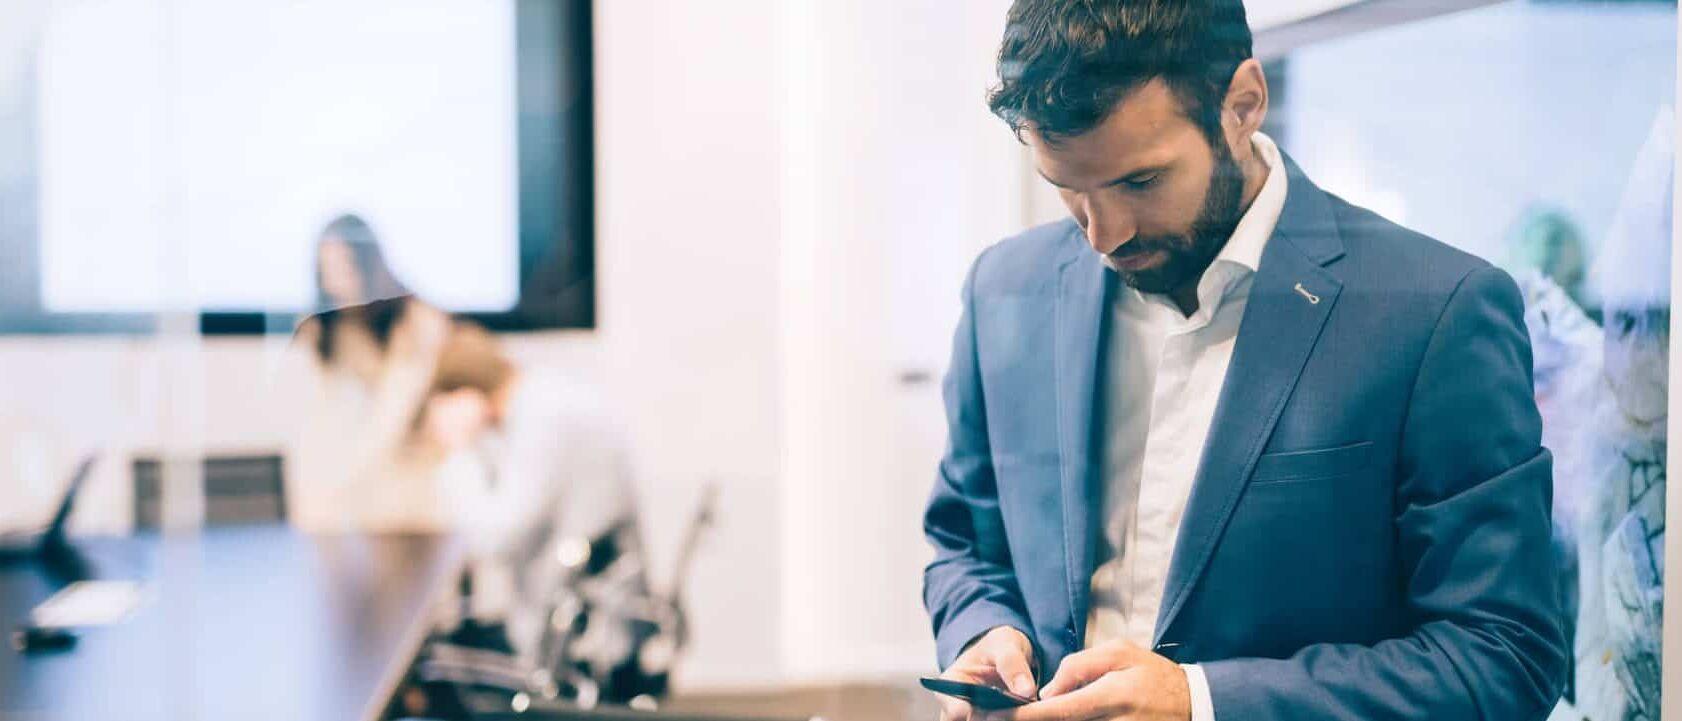 Leadgenerierung dank XING: So betreiben Sie effektives Marketing mit dem Business-Netzwerk